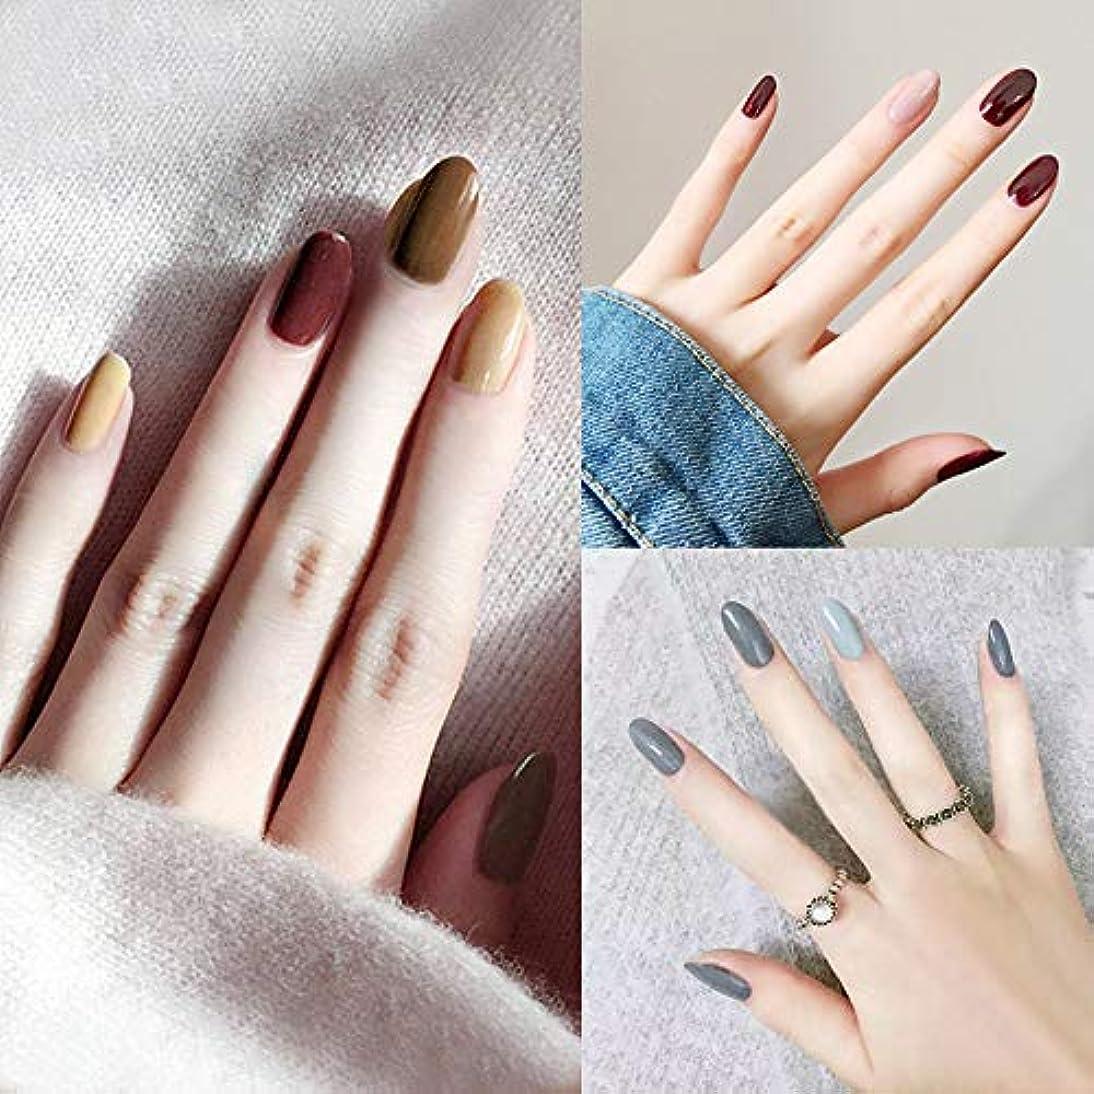 浸透する専ら自明ファッションレッドクリームインクハリスタイル偽爪純粋な色偽爪24ピースフルブライダルネイルのヒント滑らかな指装飾のヒント接着剤付き人工爪